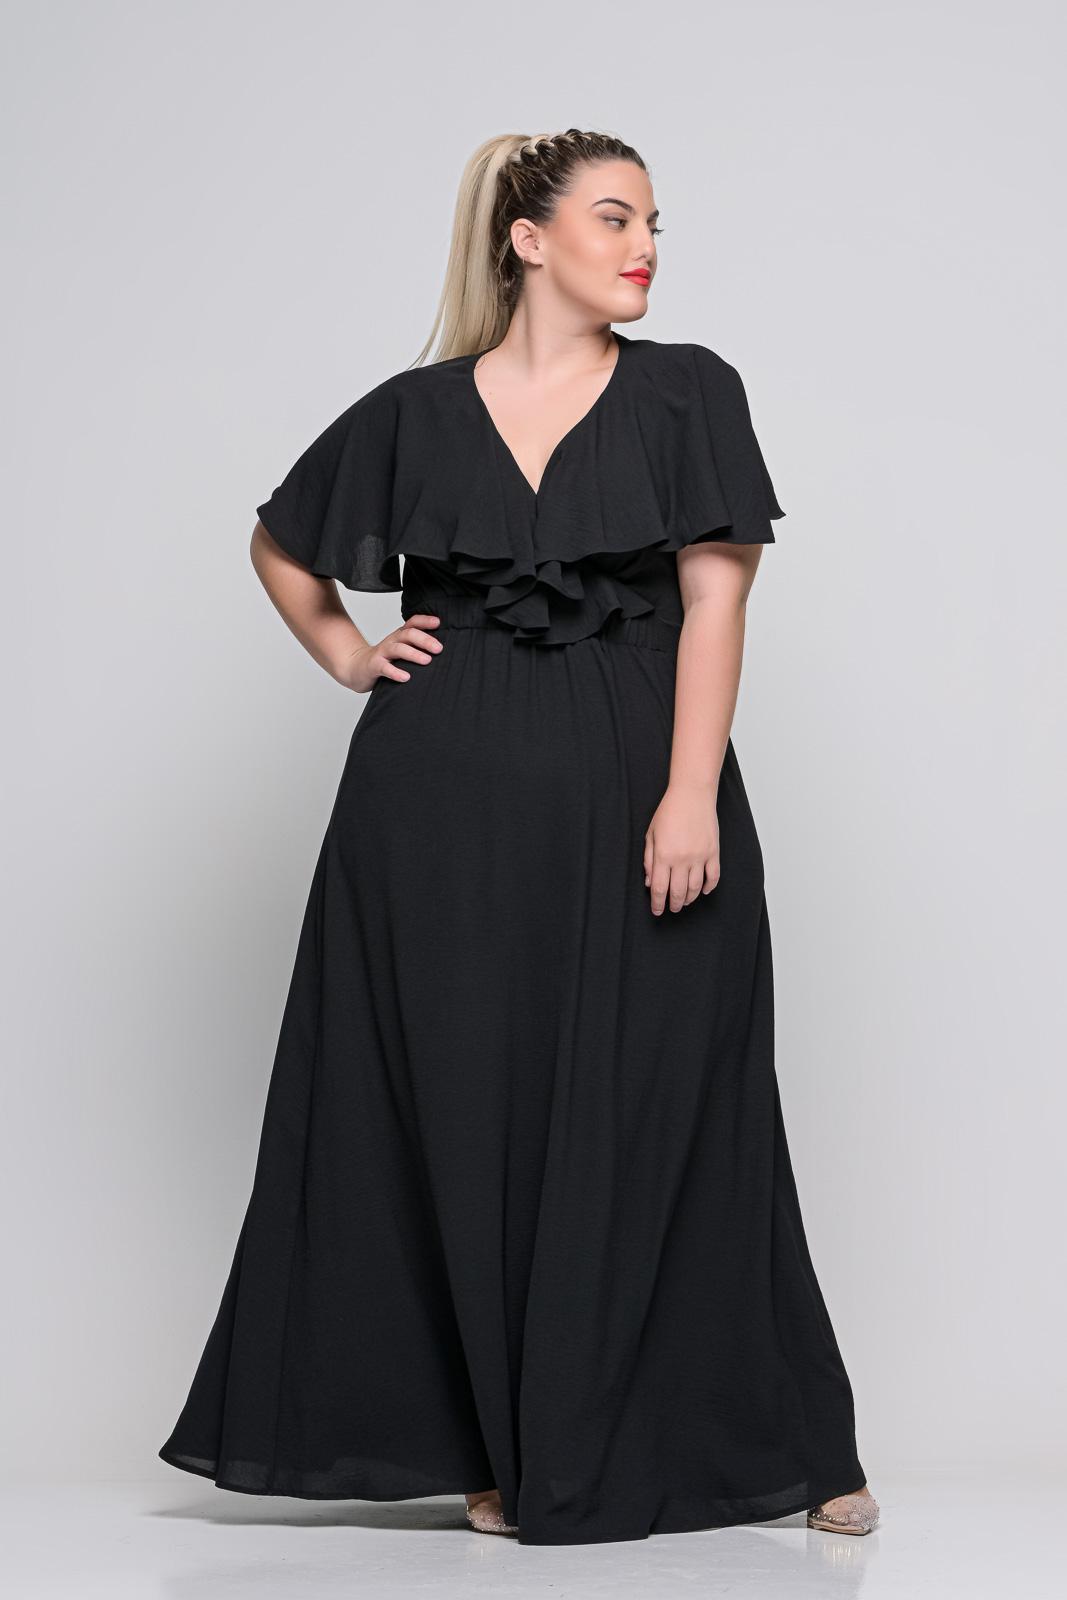 Φόρεμα μεγάλα μεγέθη κρουαζέ μαύρο